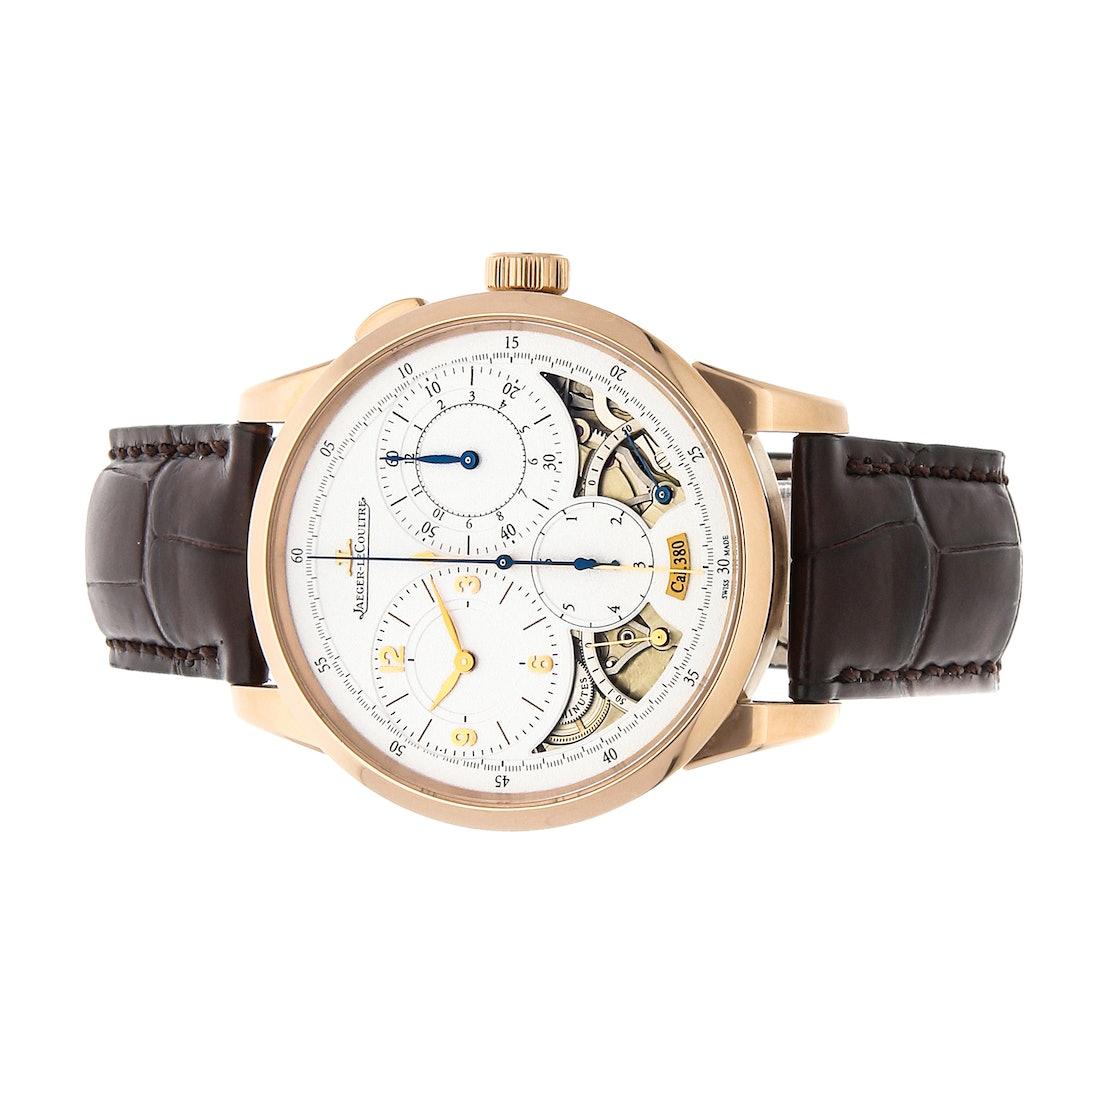 Jaeger-LeCoultre Duometre Chronograph Q6012521